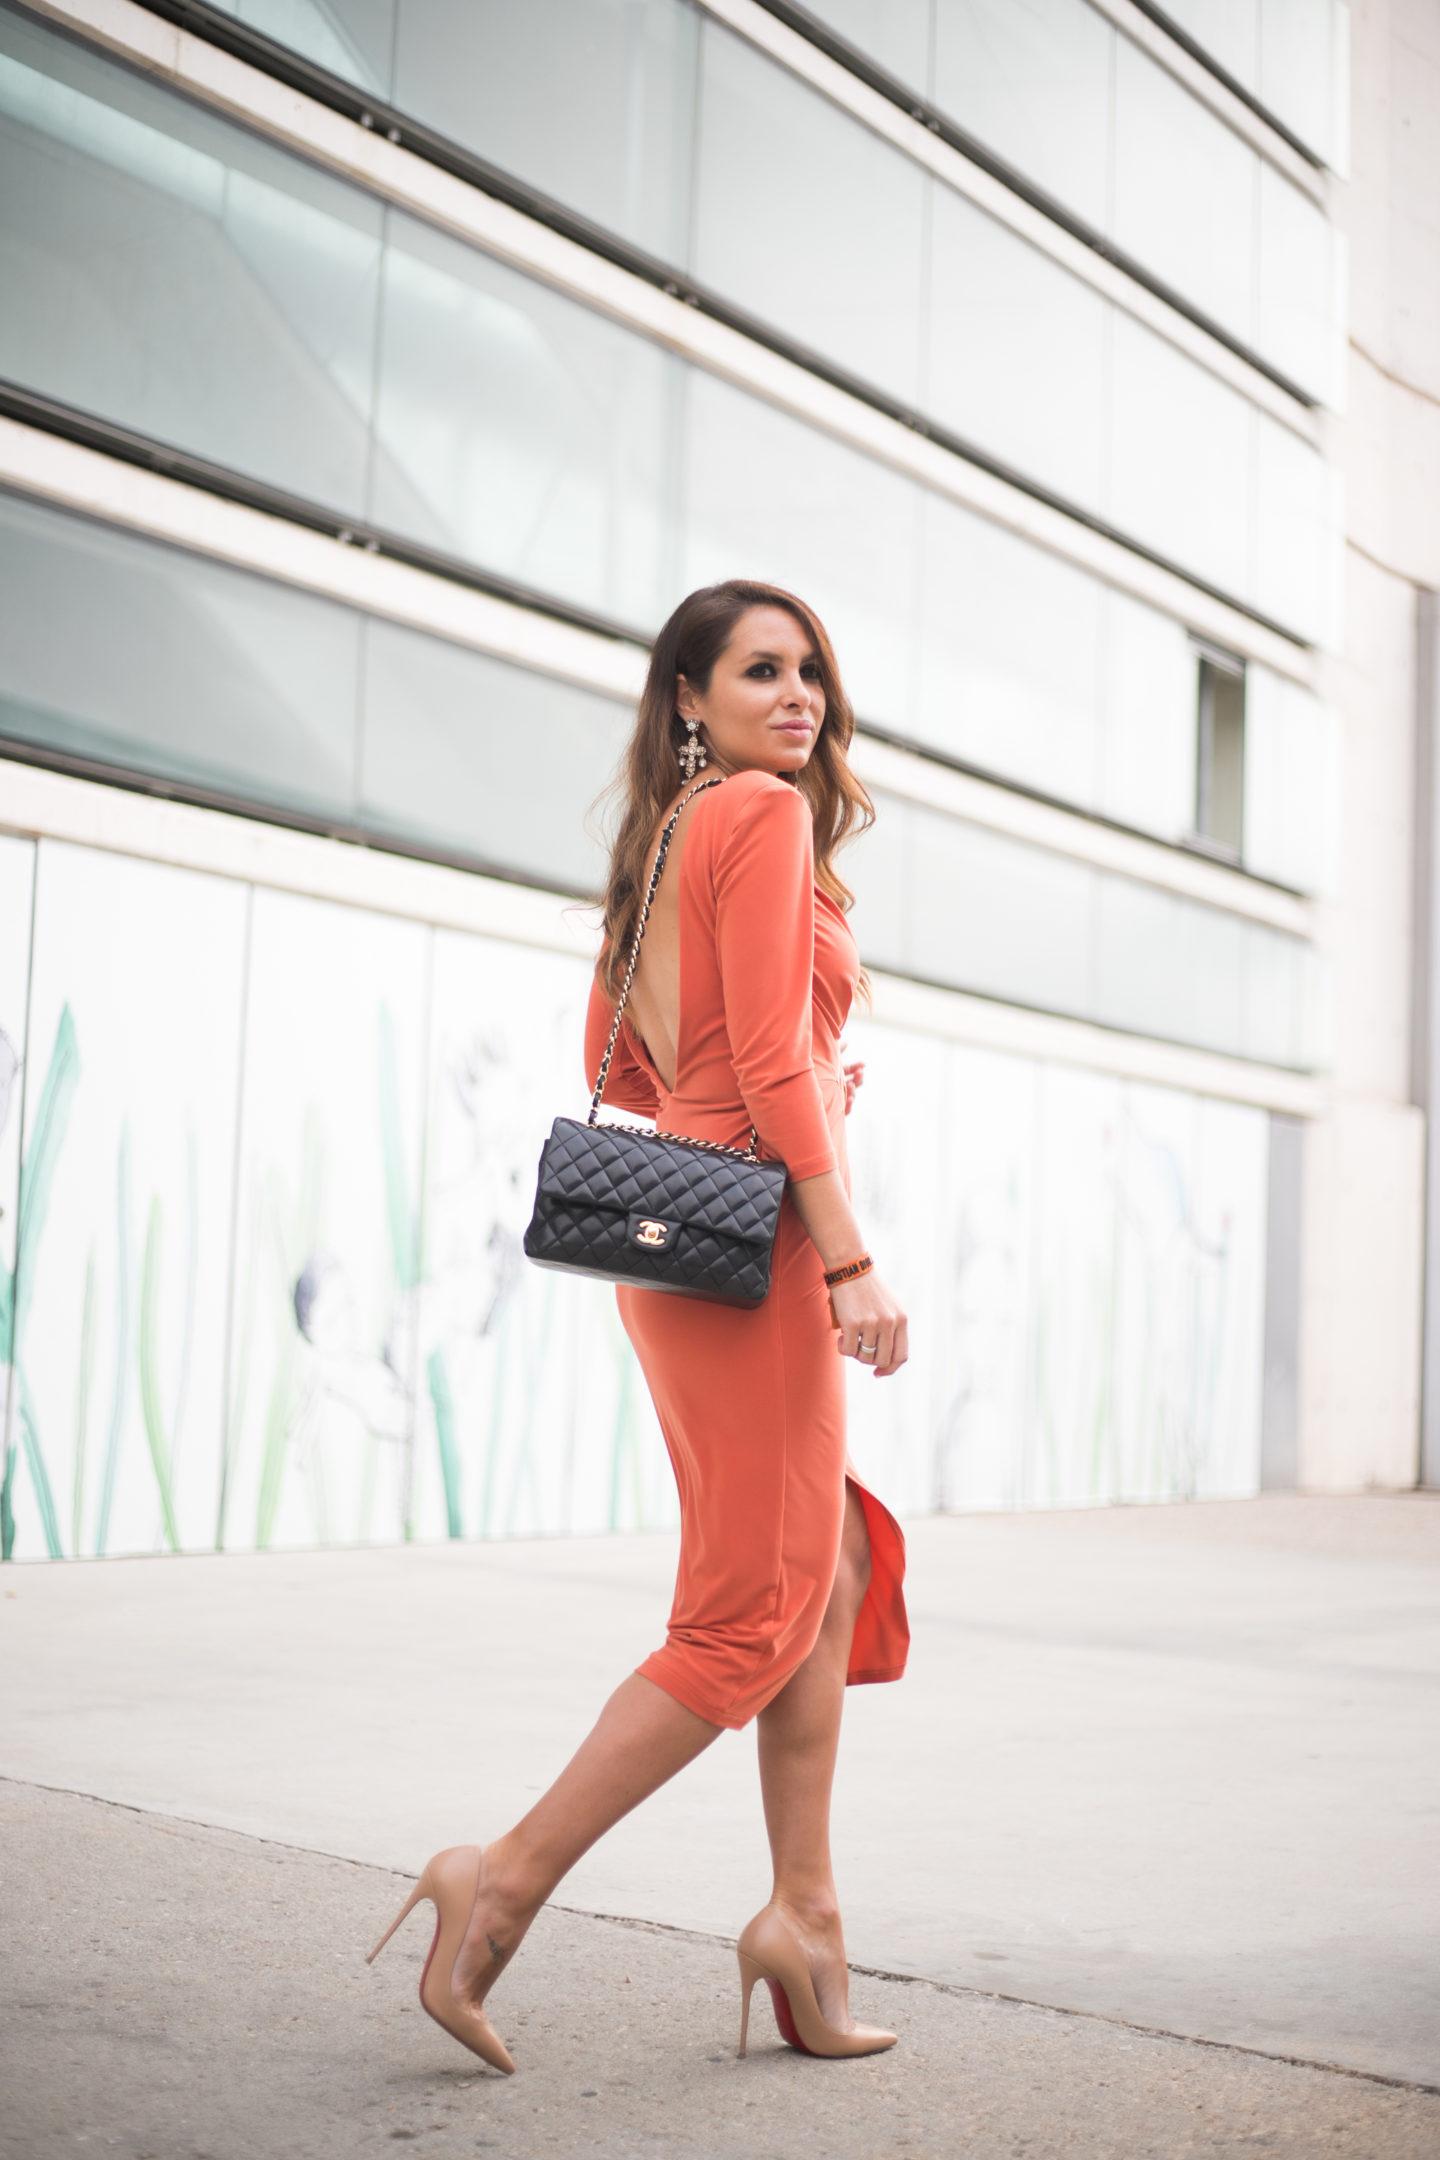 Orange dress at MBFWM // Fashion Week